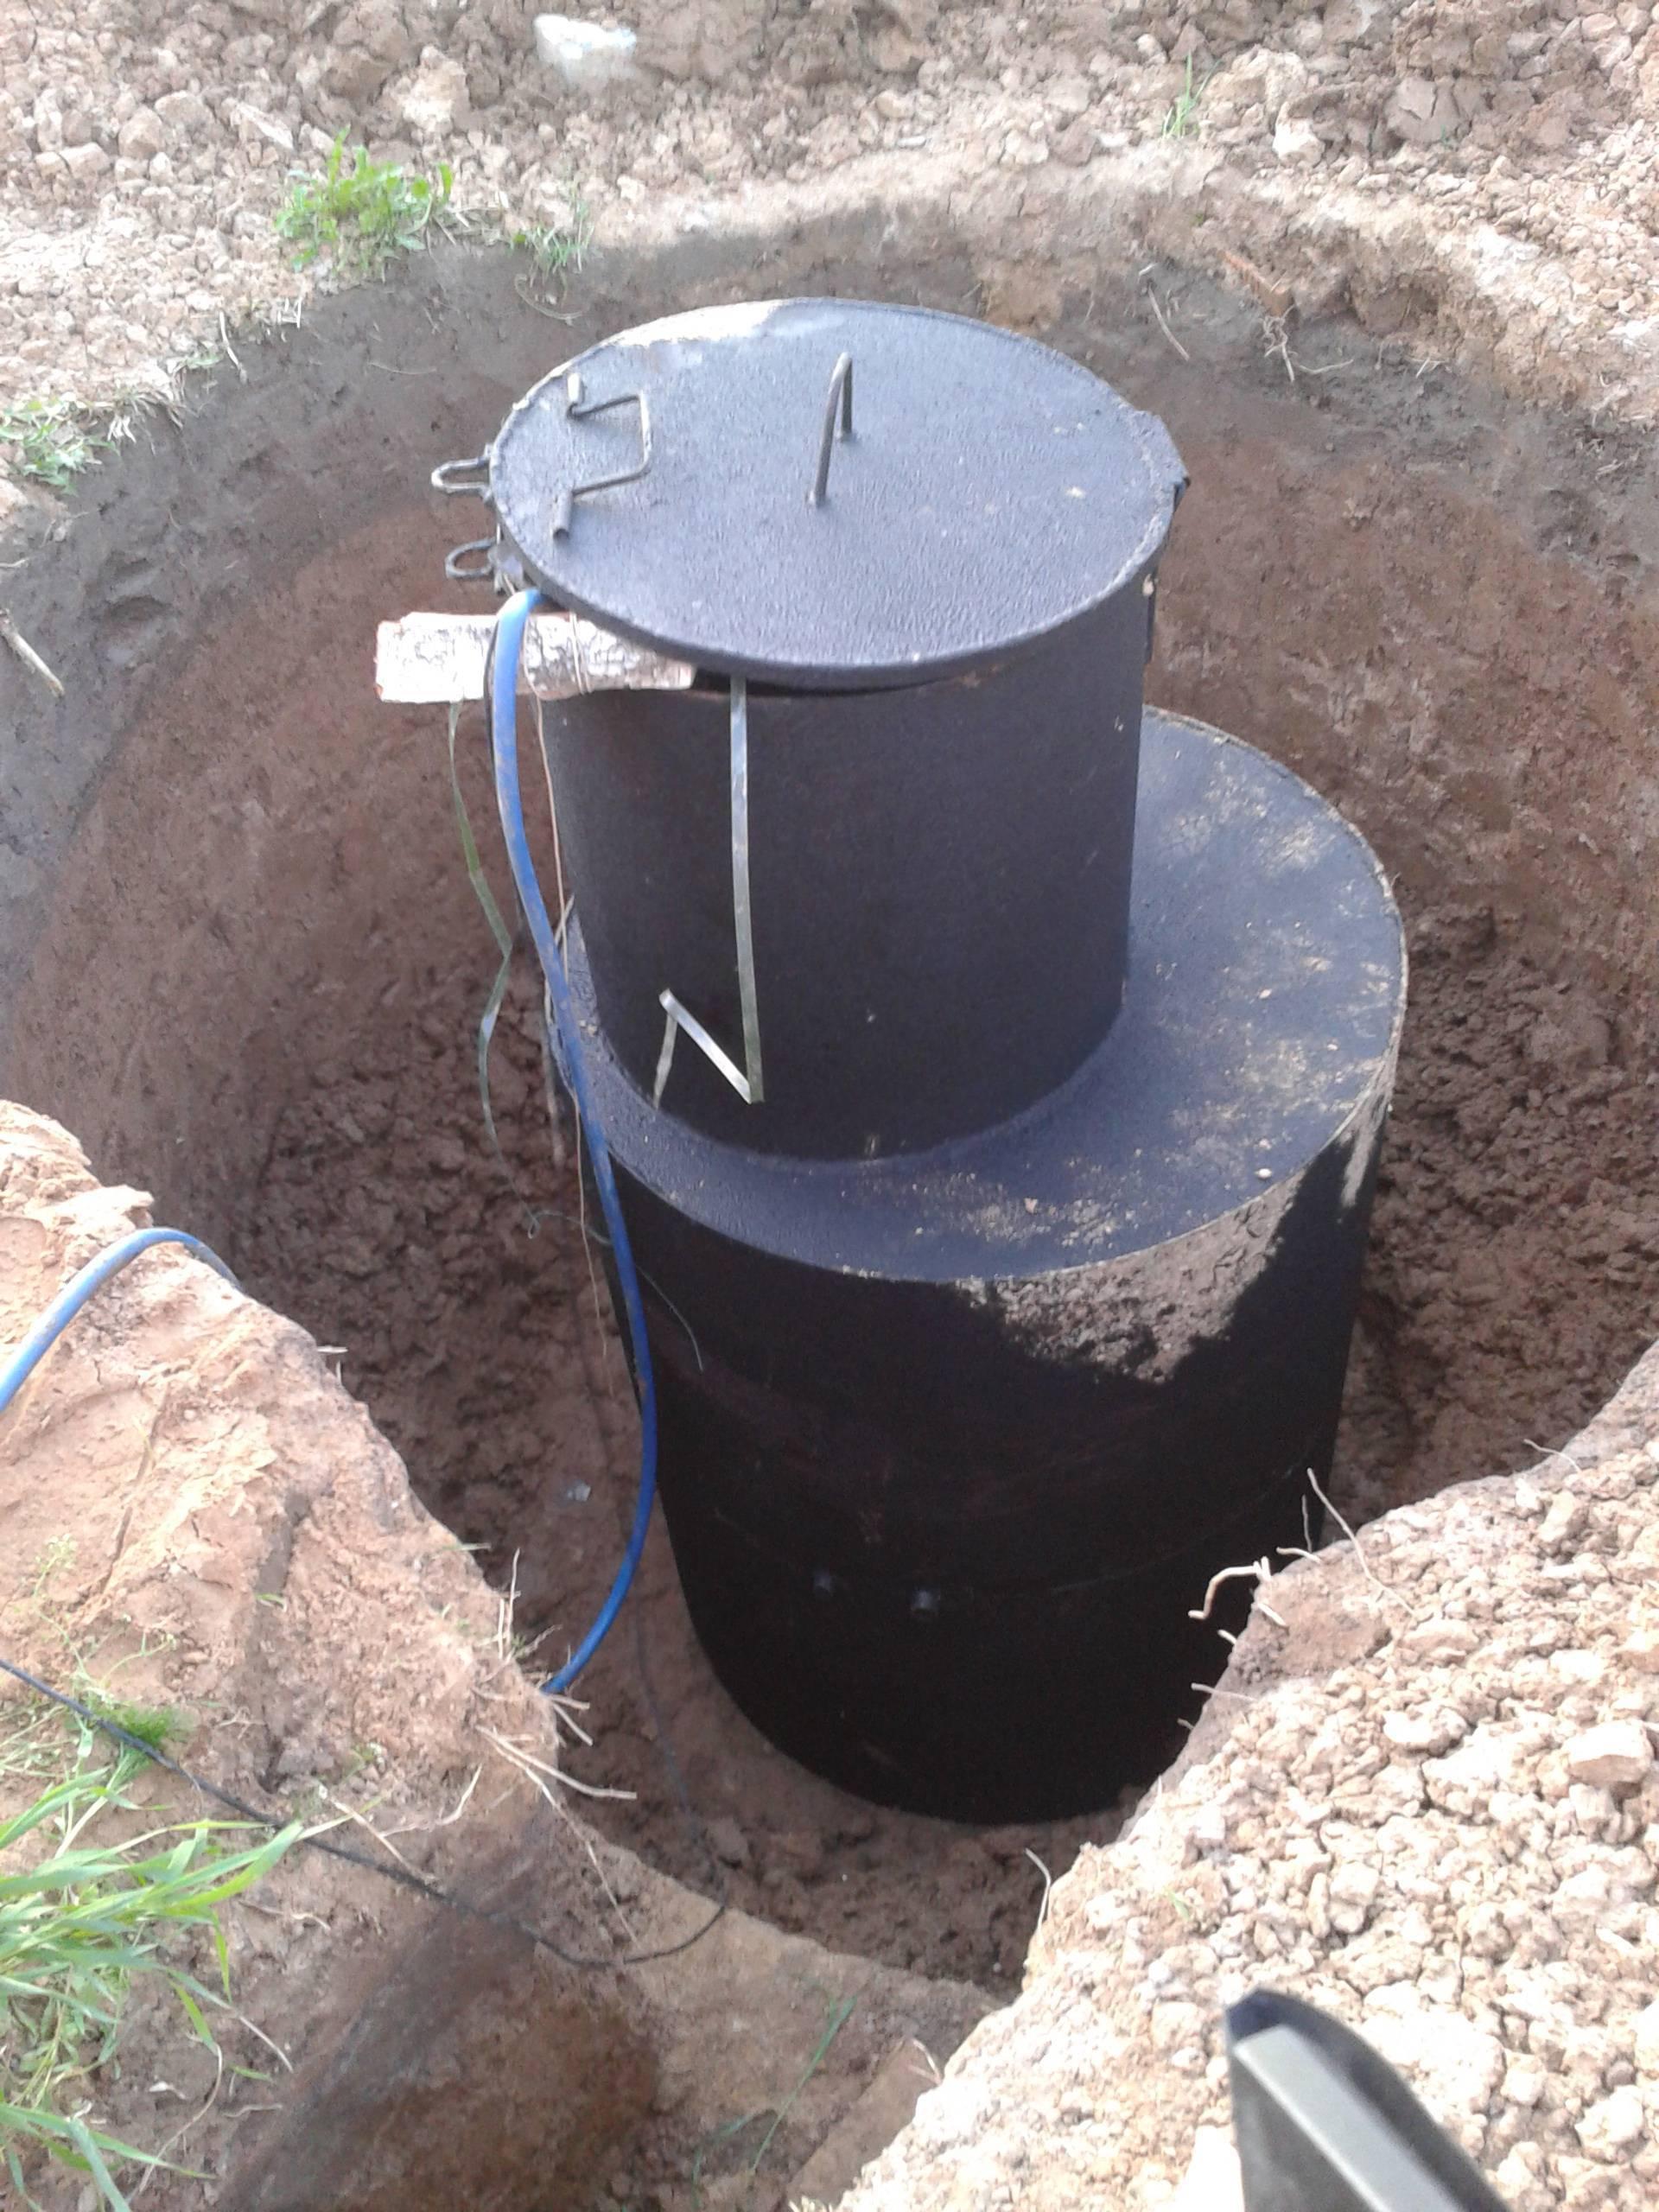 Кессон для скважины: установка кессона для колодца, для чего нужен, какой лучше выбрать, зачем кессон на скважину